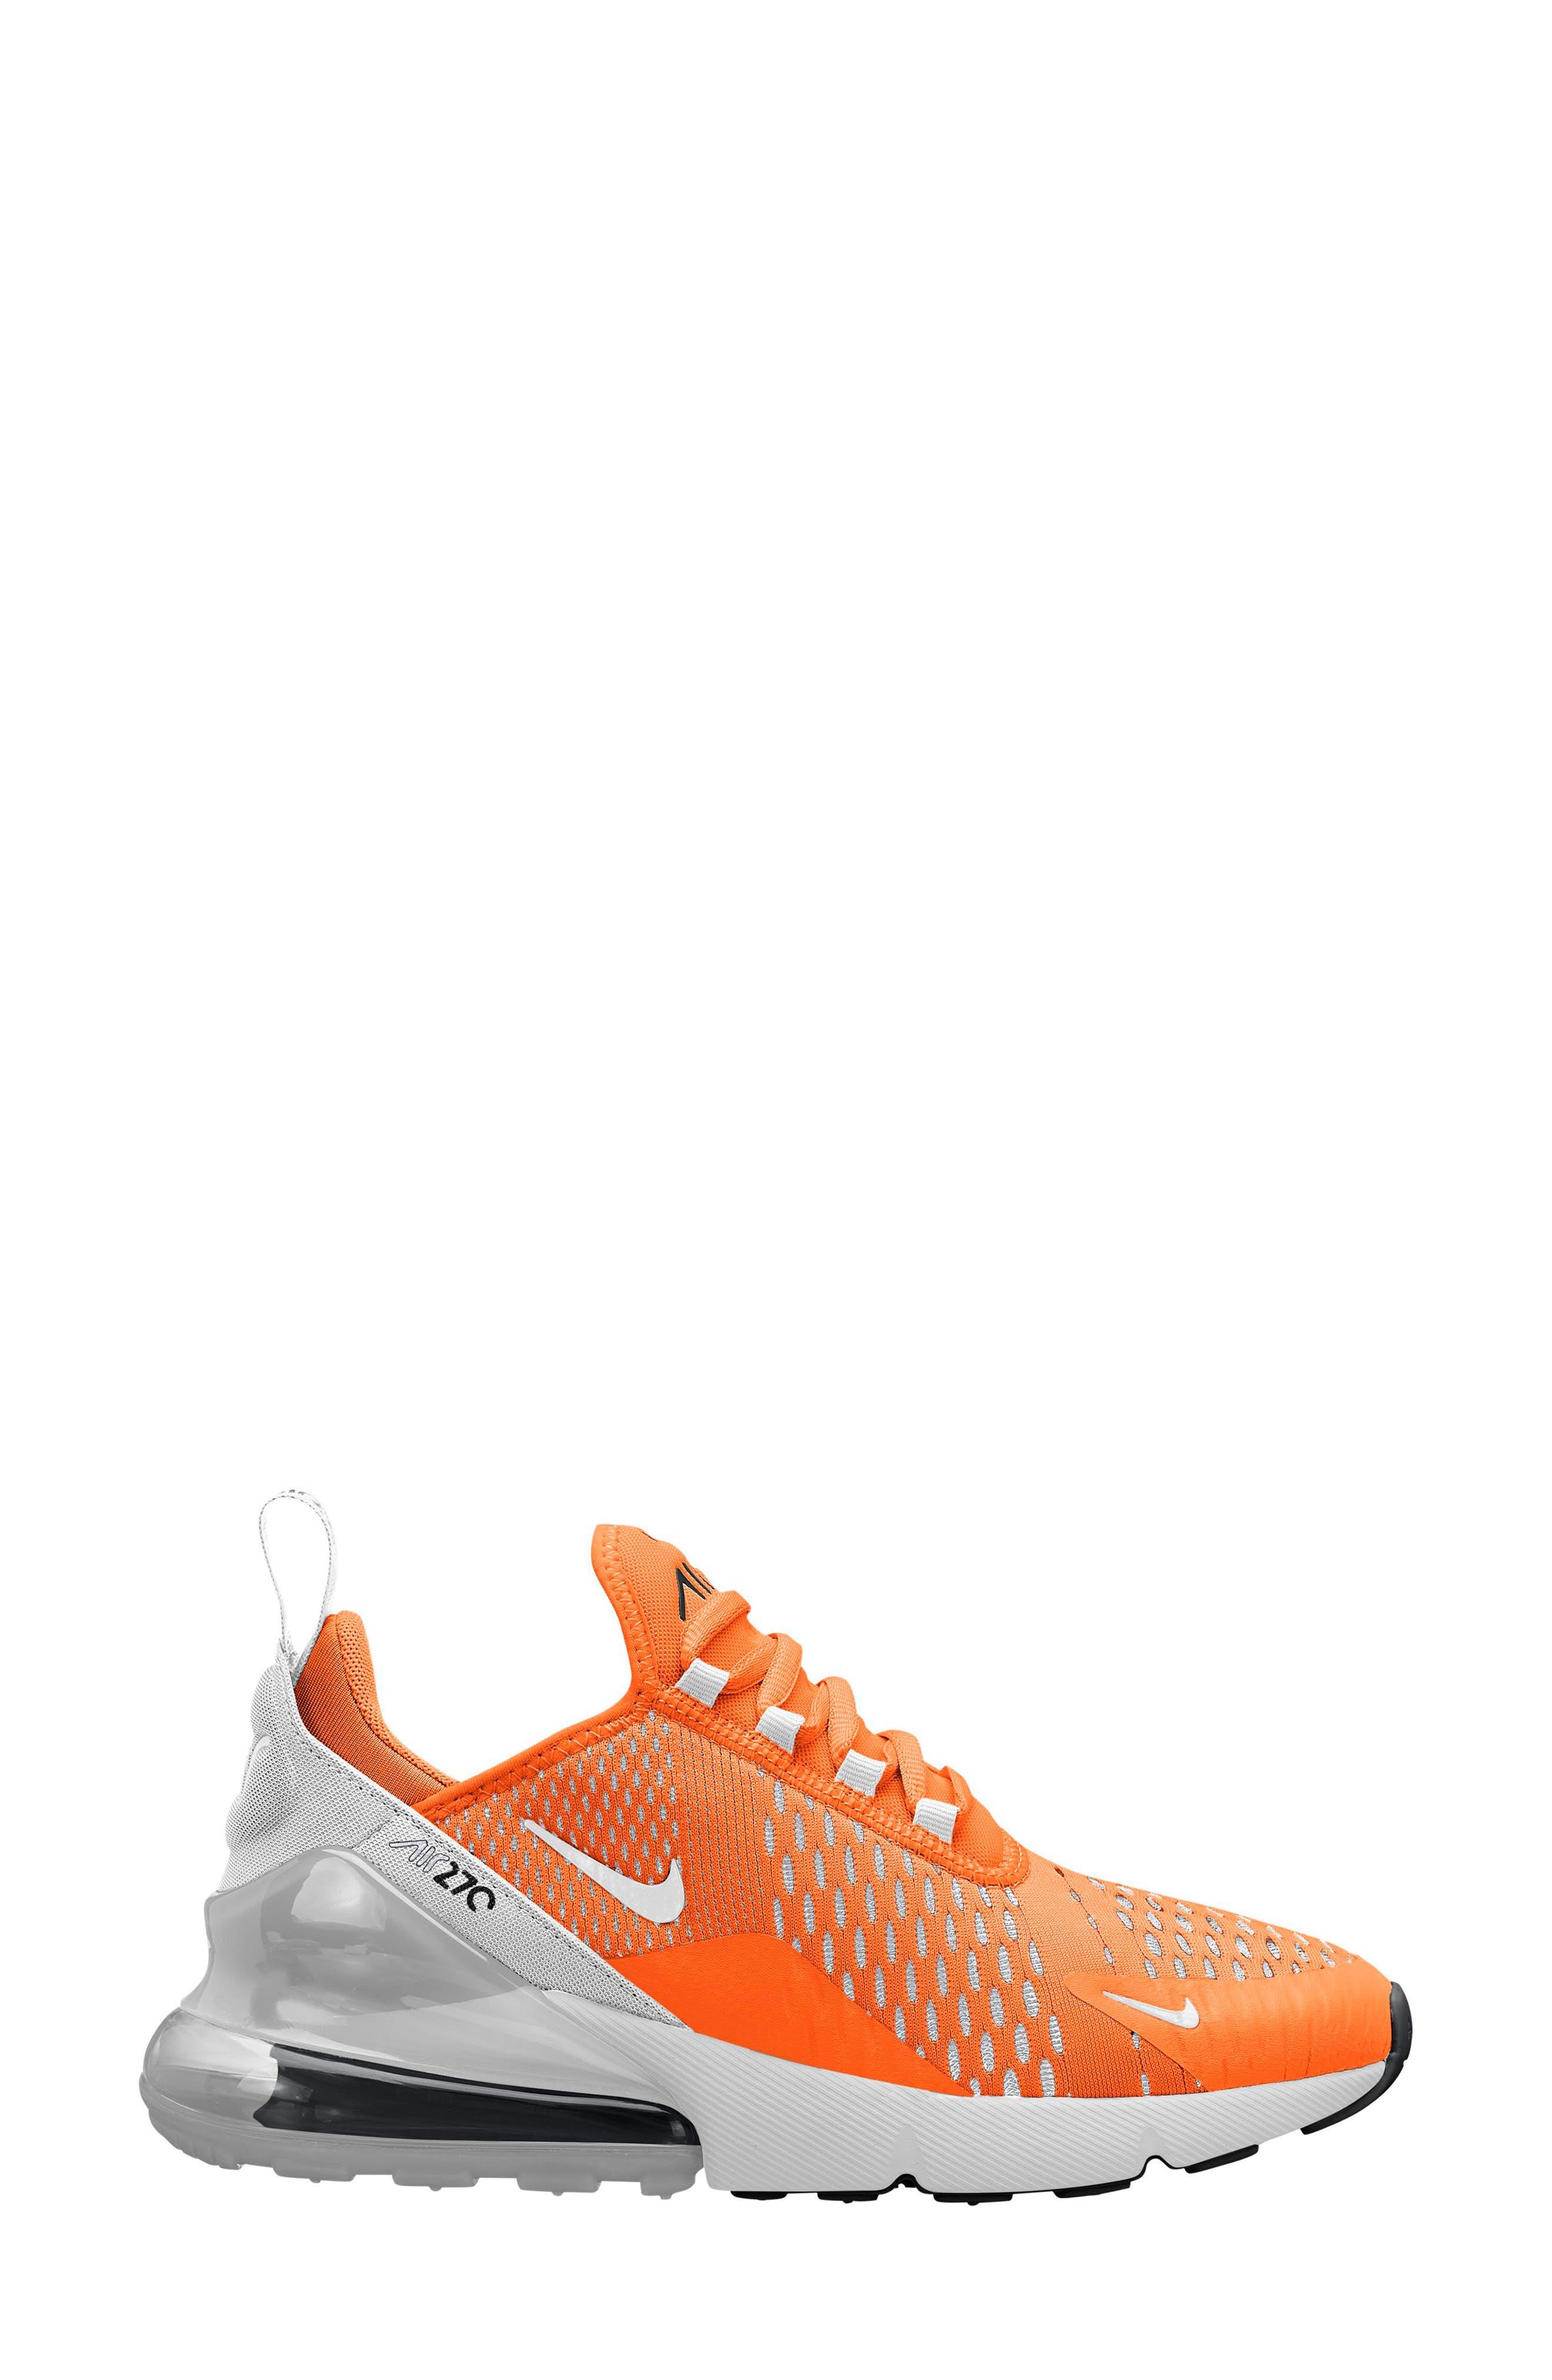 Air Max 270 Sneaker,                         Main,                         color, Total Orange/ White-Black